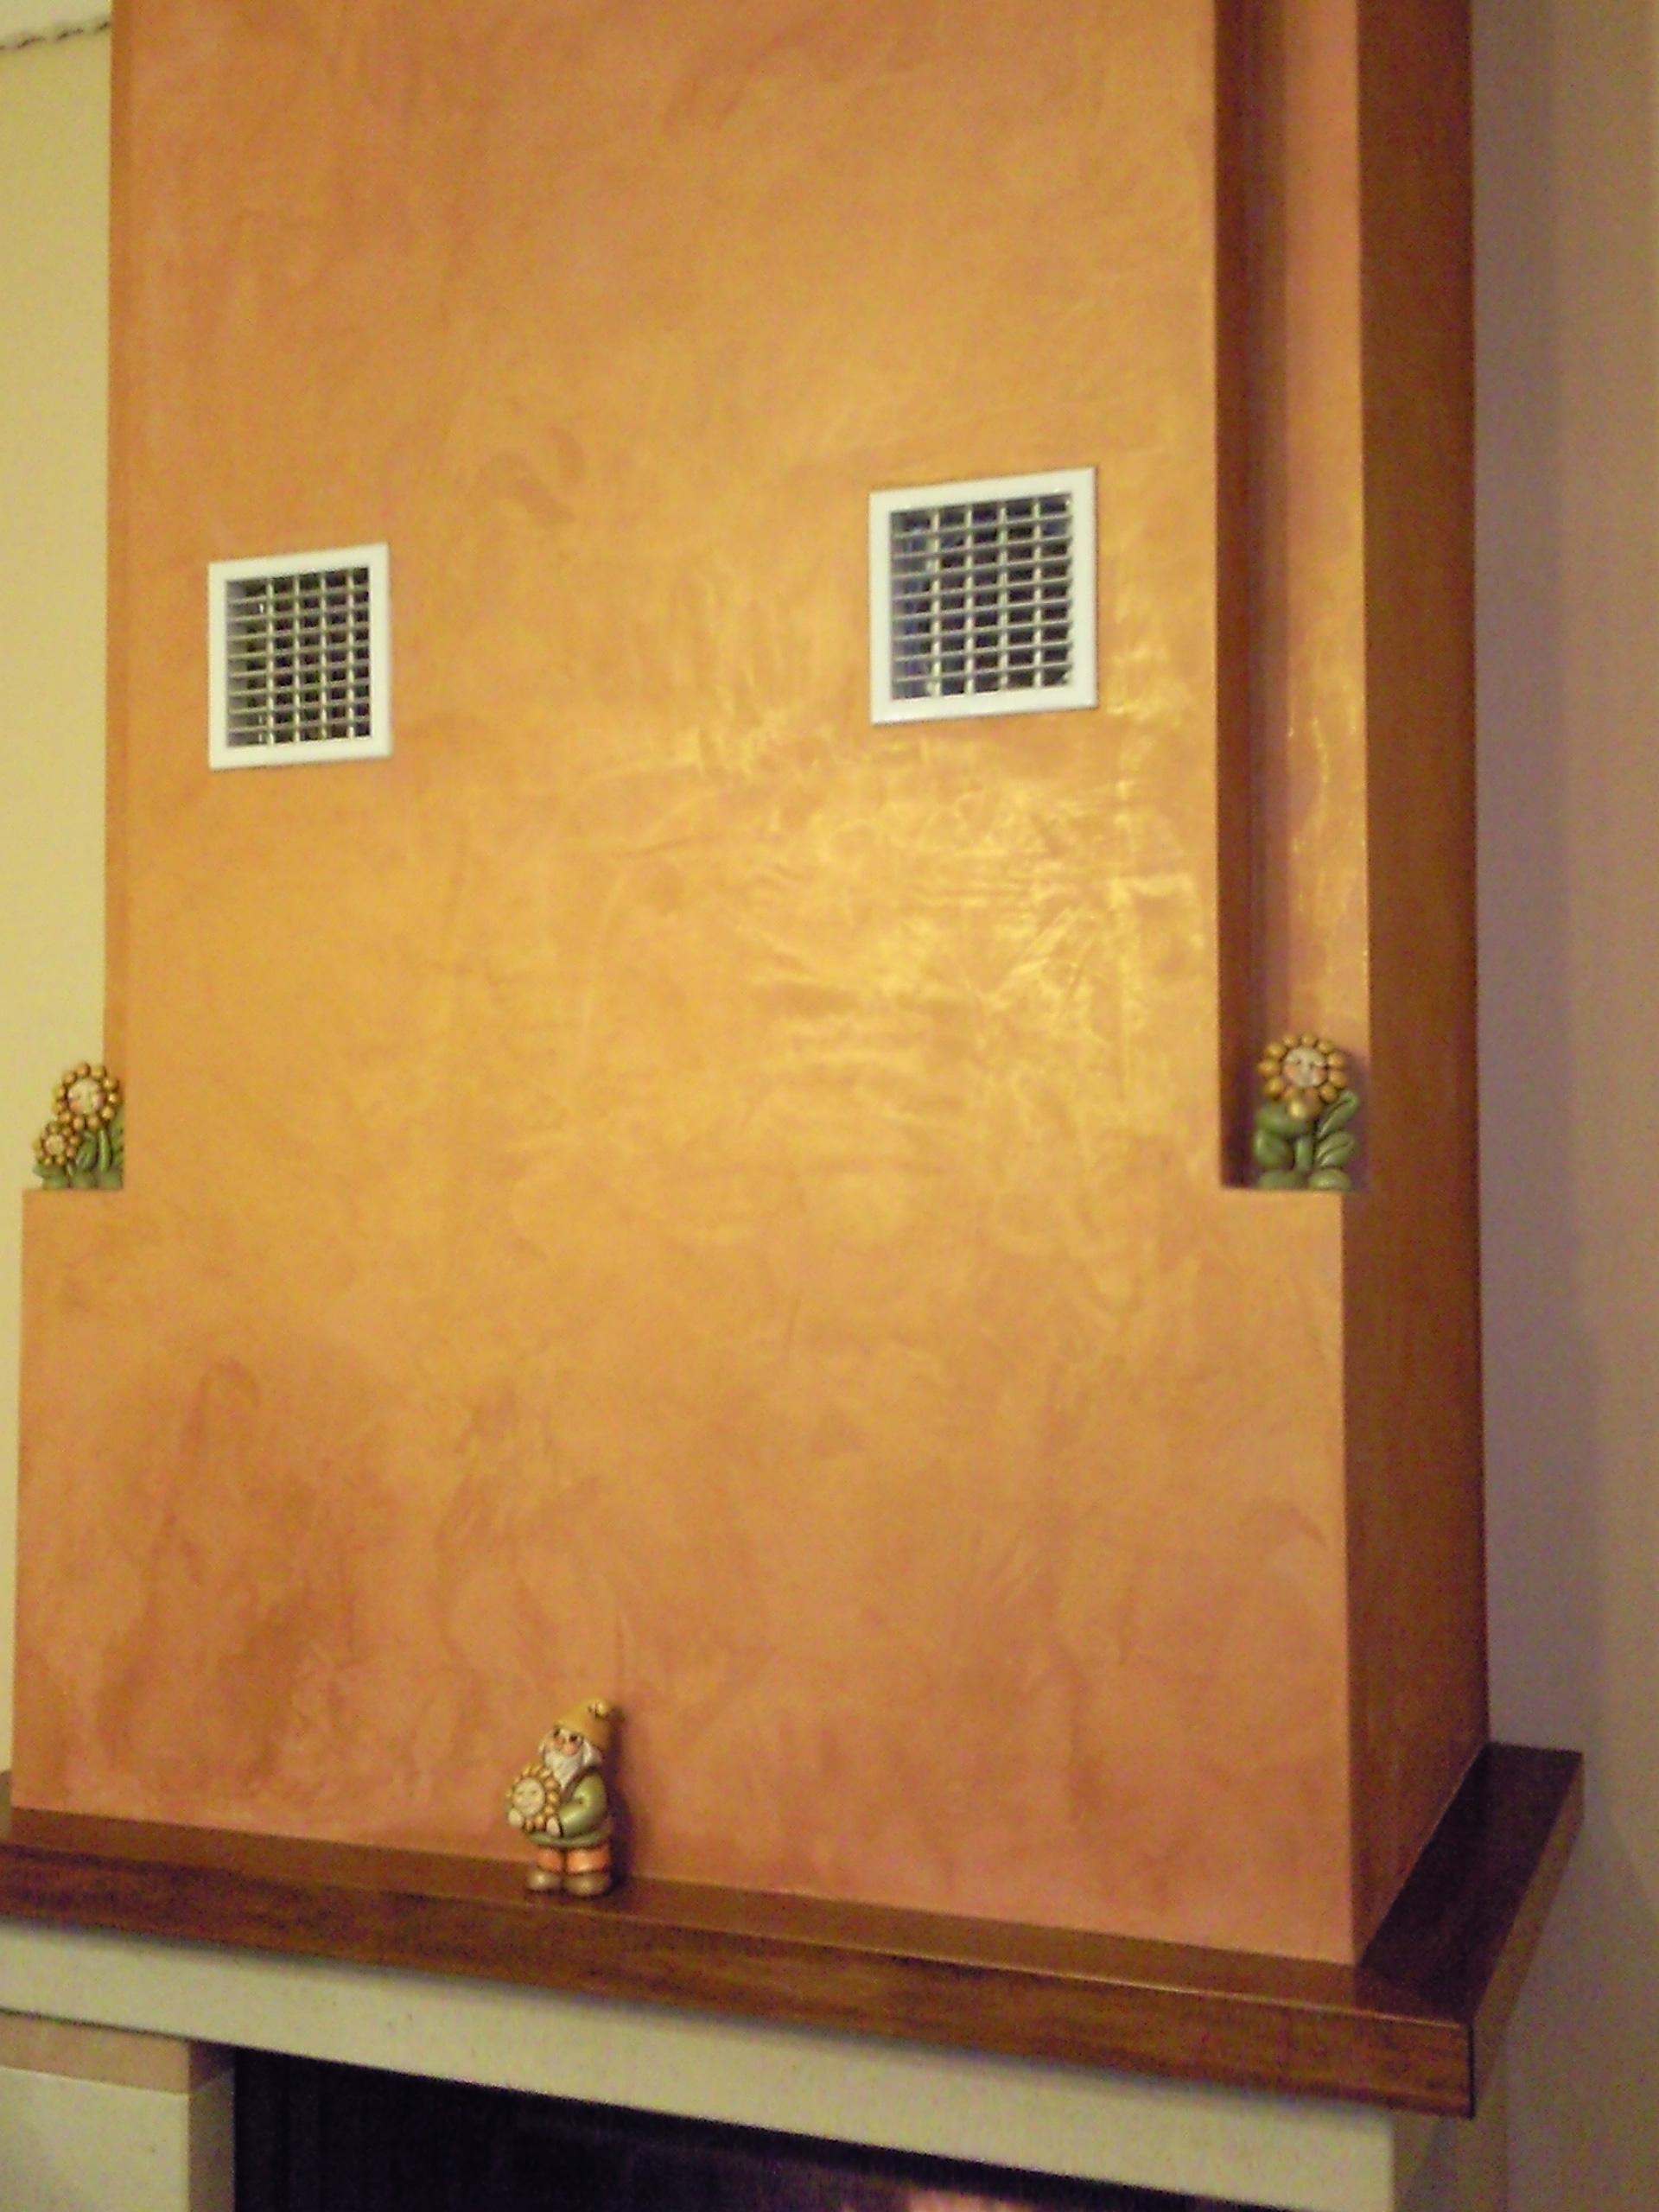 Imbiancatura e decorazione Serika marrone ocra su cappa del camino per creare contrasto con le pareti adiacenti